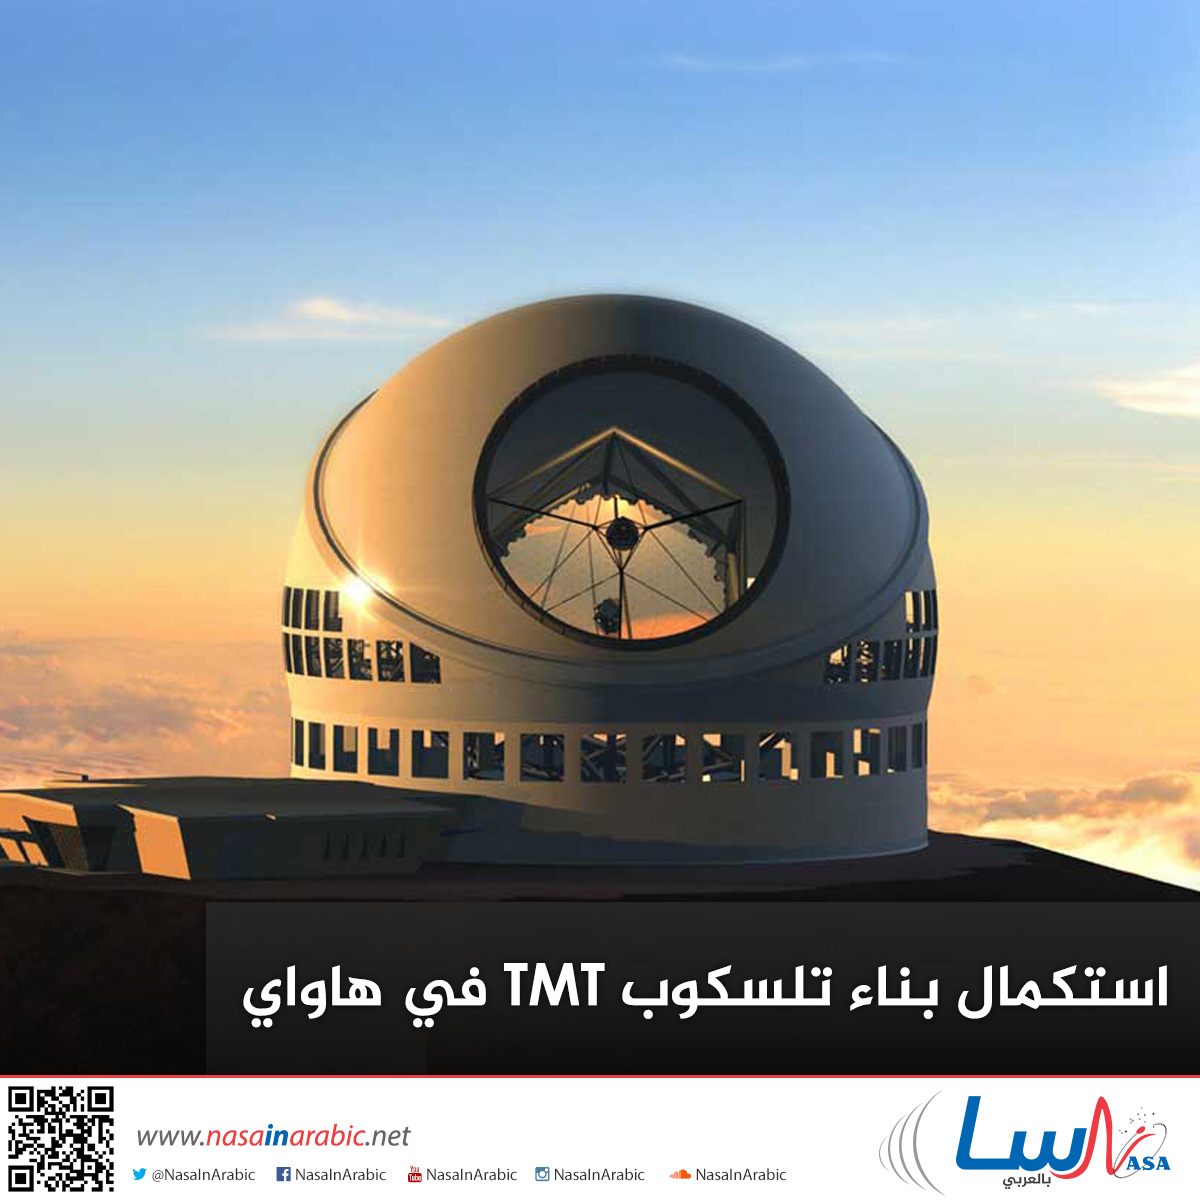 استكمال بناء تلسكوب TMT في هاواي